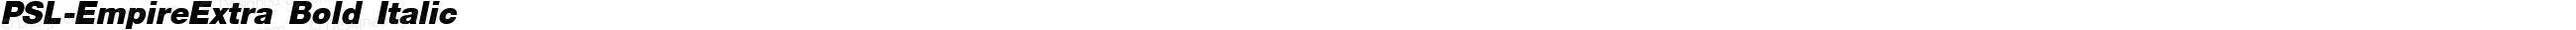 PSL-EmpireExtra Bold Italic